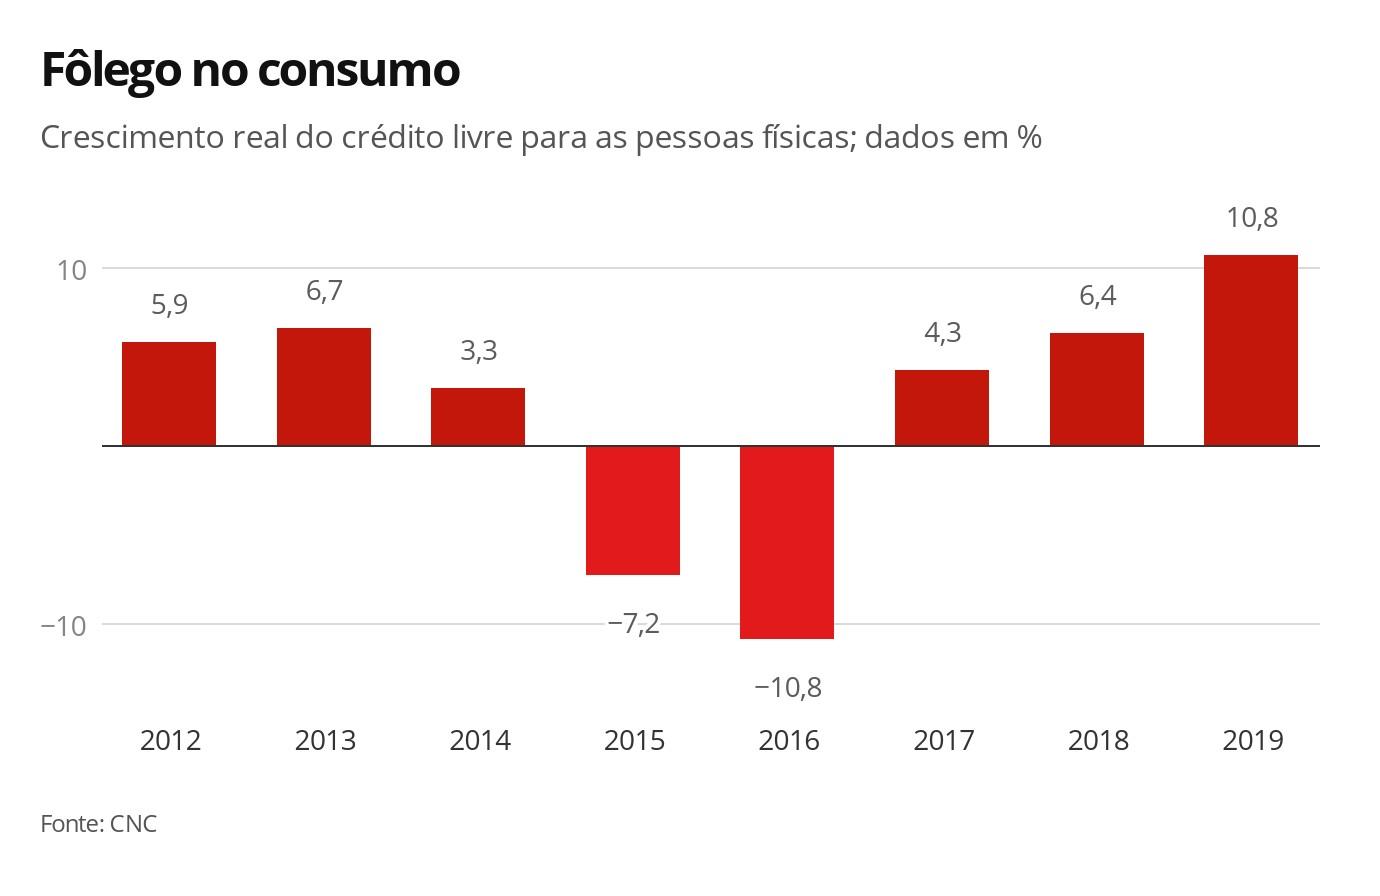 Crédito tem maior crescimento desde 2012 e ajuda no consumo das famílias   - Notícias - Plantão Diário